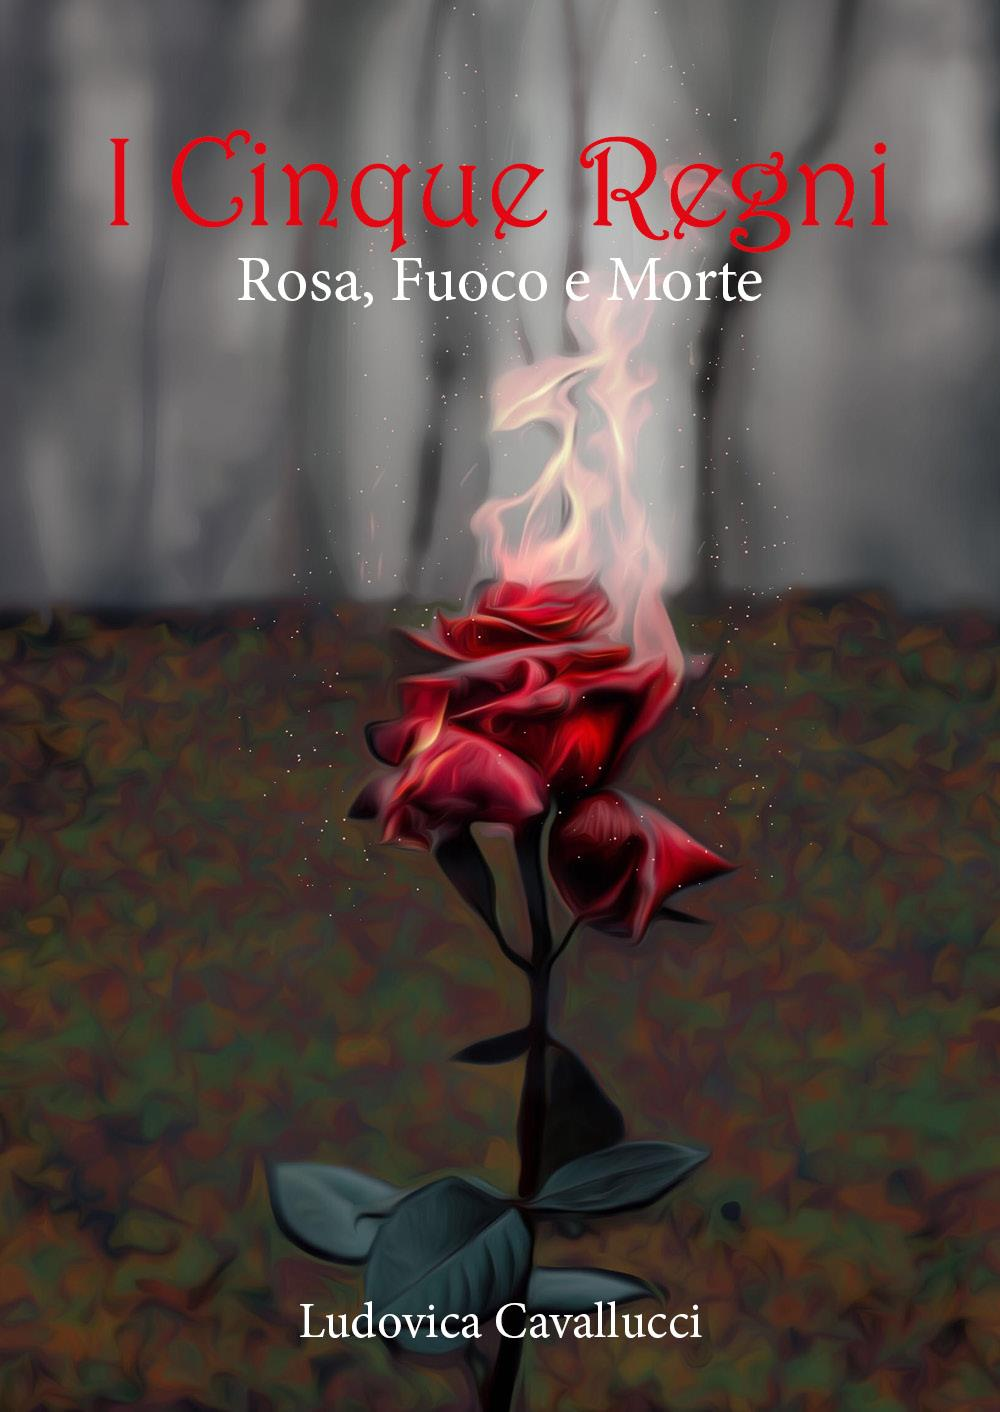 I Cinque Regni - Rosa, Fuoco e Morte